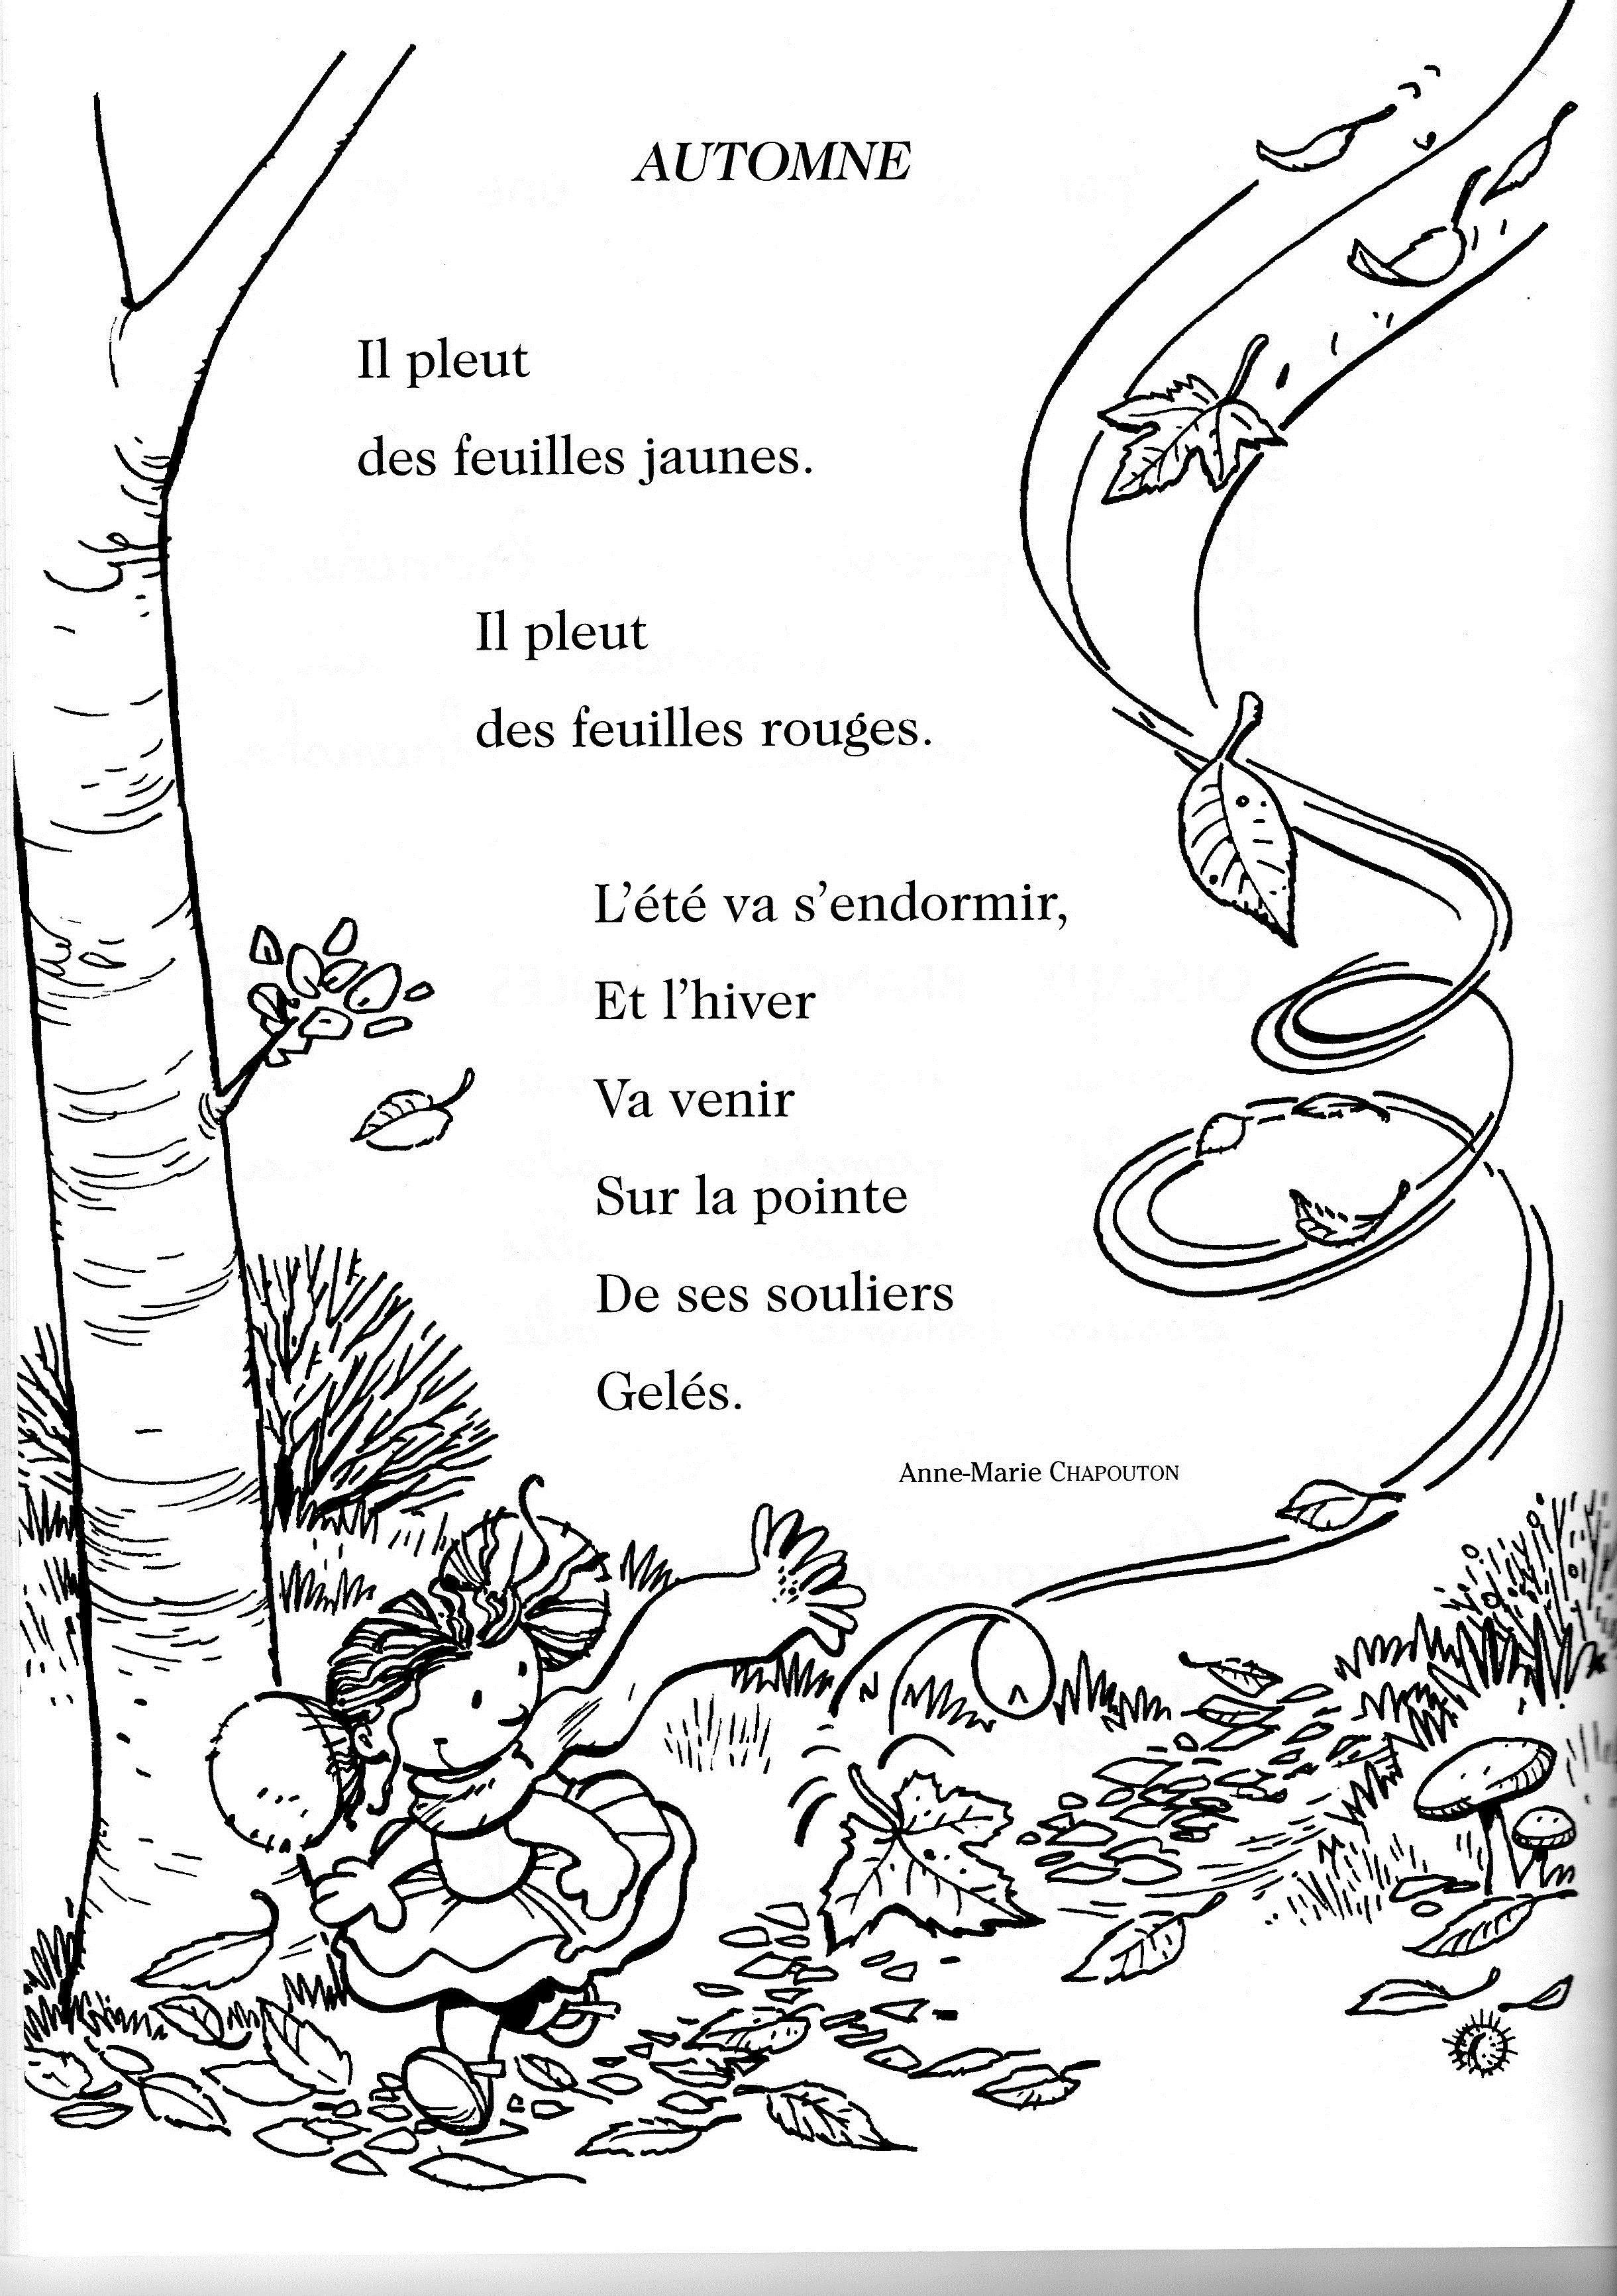 Poésie Automne Organisation De La Classe Pinterest Französisch